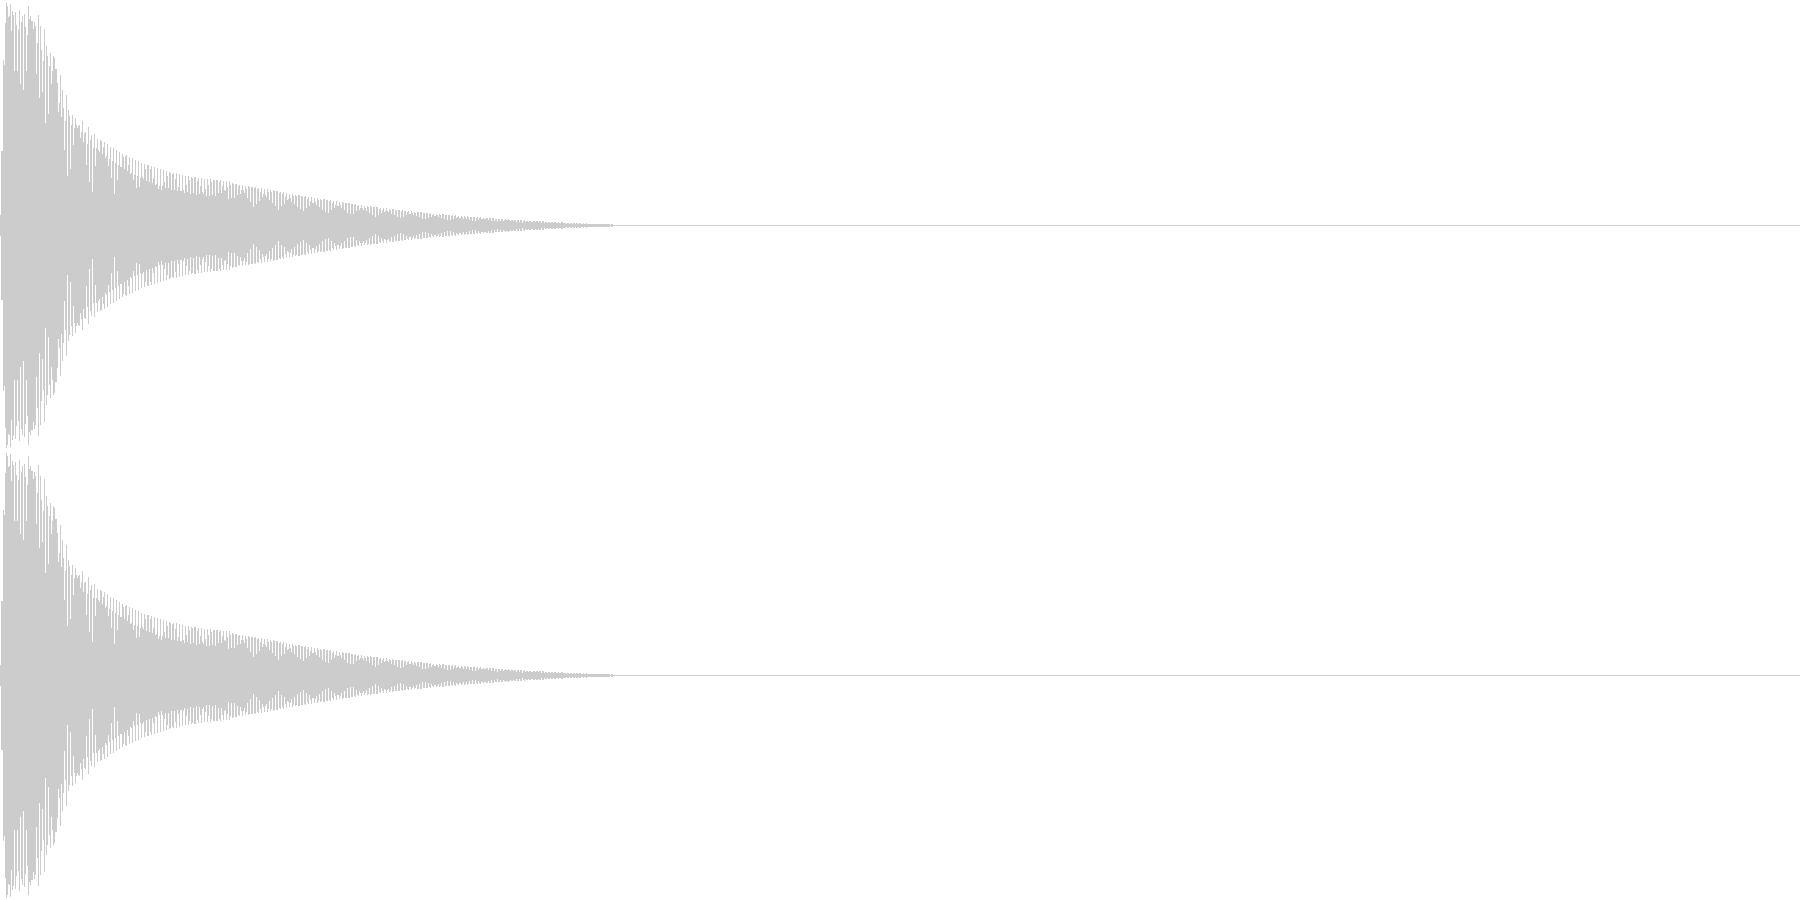 PureTouch アプリ用タッチ音 3の未再生の波形